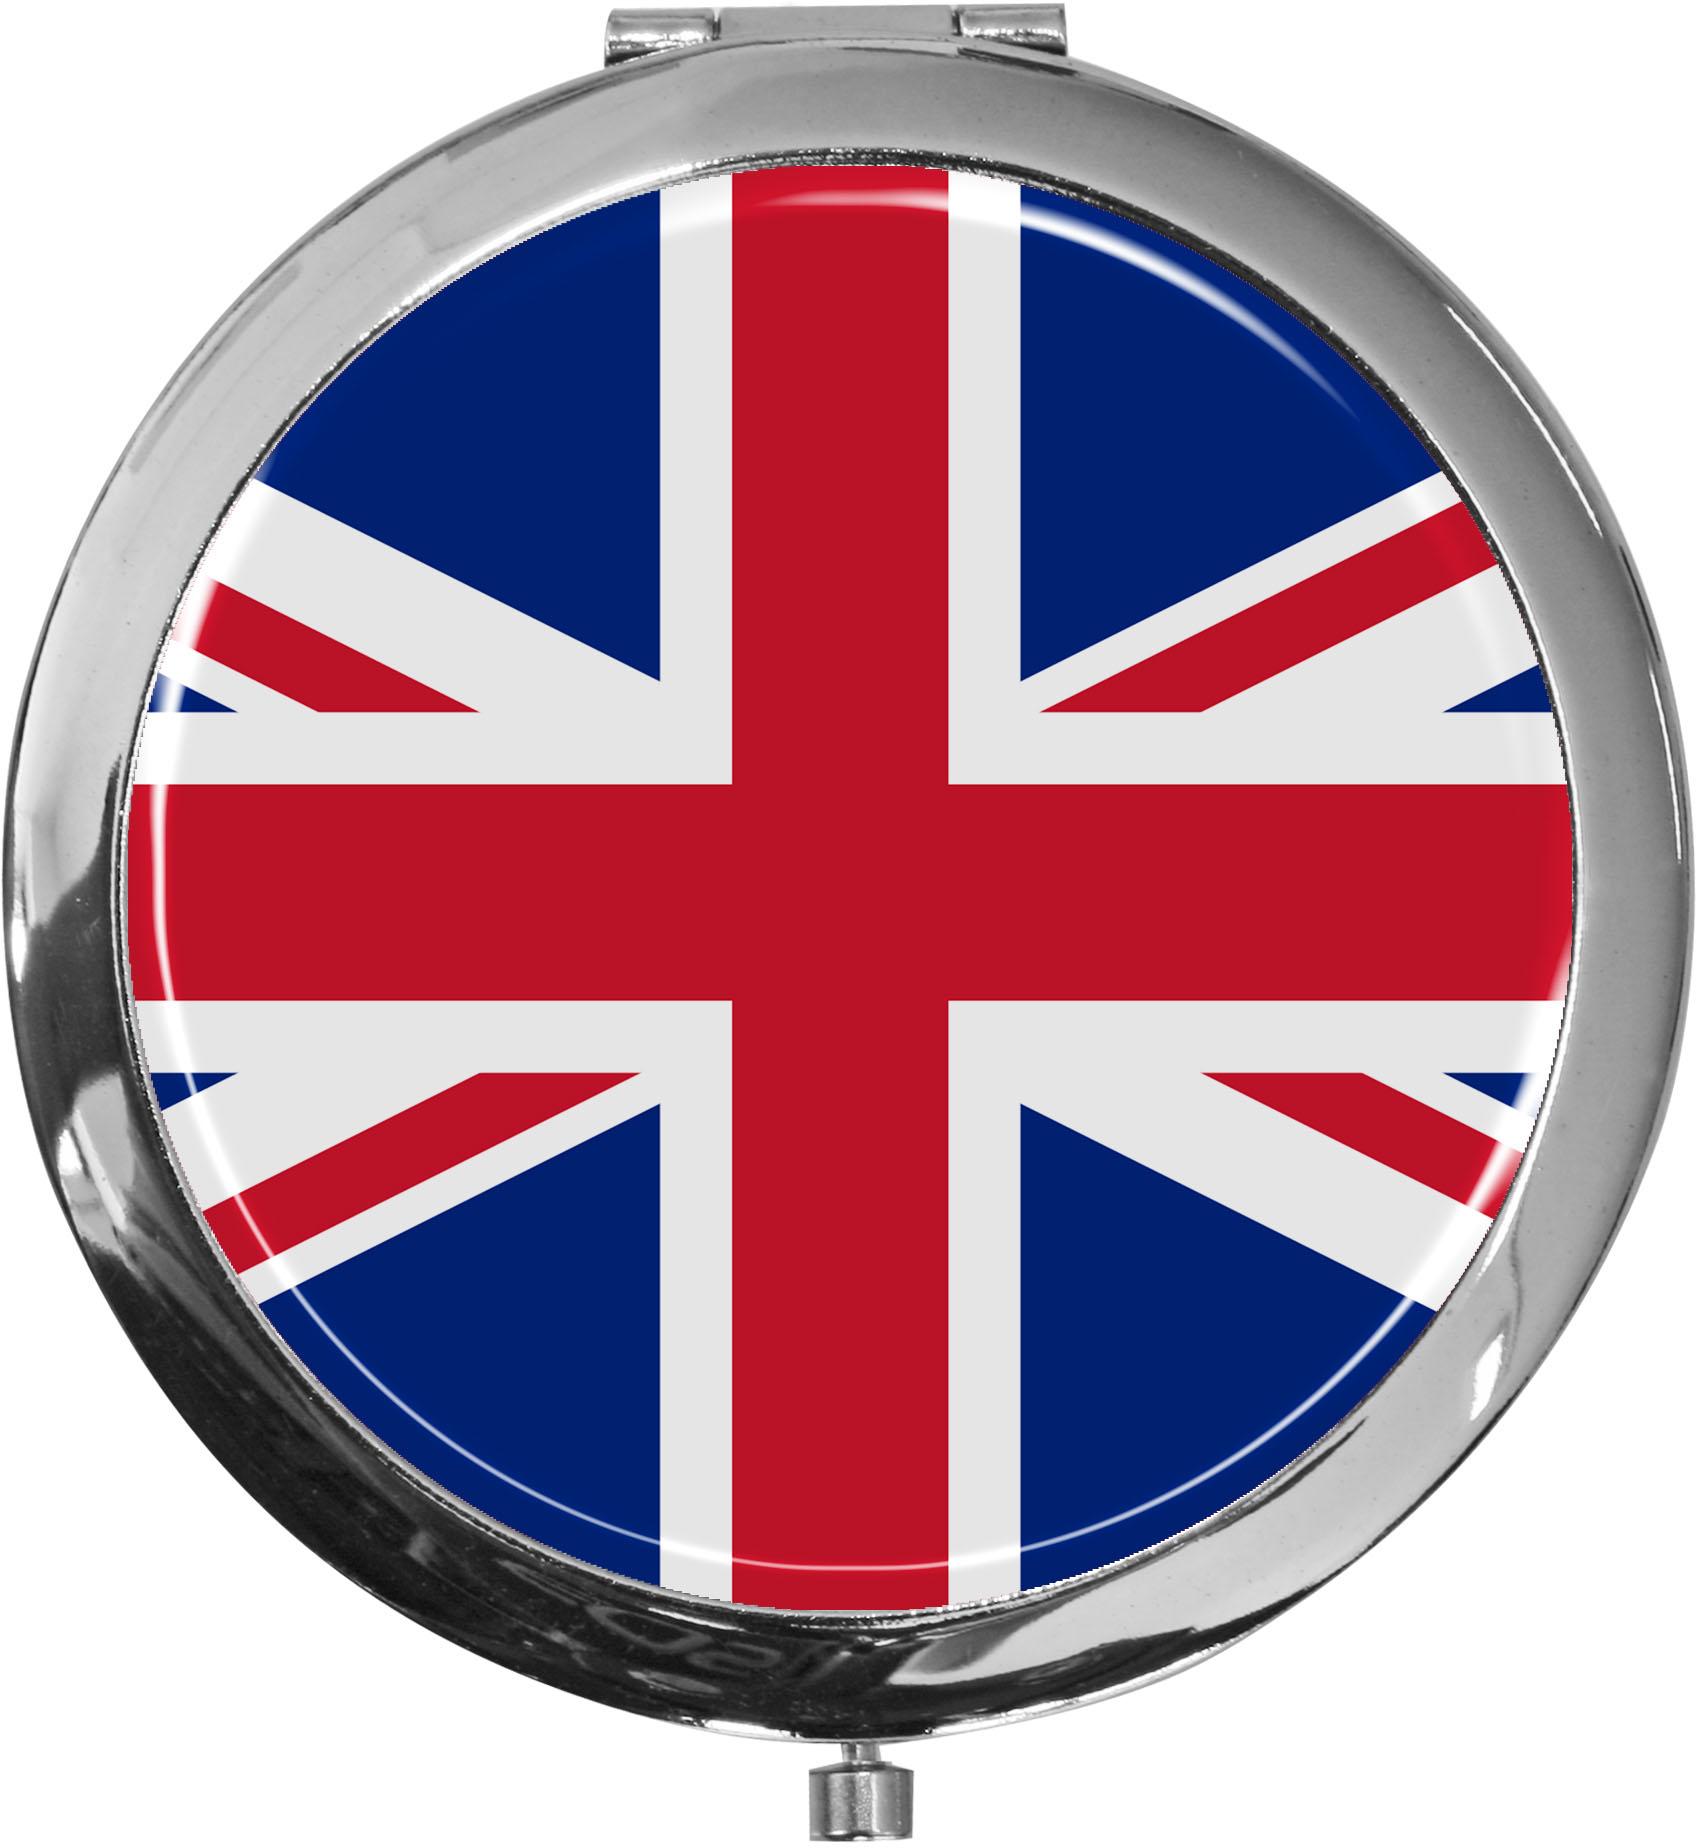 Taschenspiegel / Spiegel / Flagge Großbritannien / 2 fache Vergrößerung